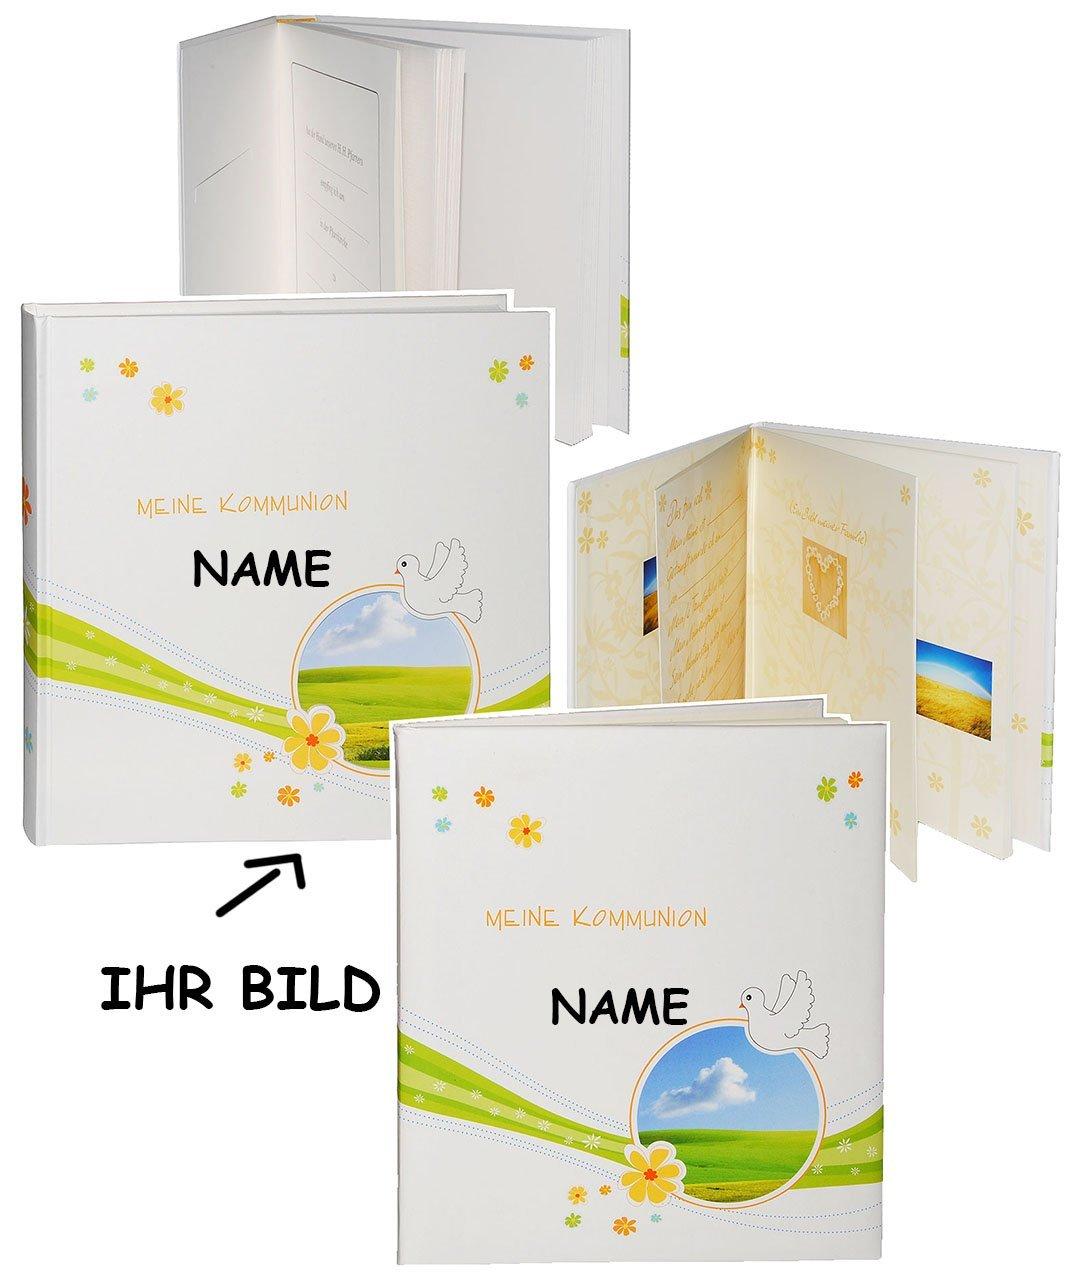 Unbekannt Set  Erinnerungsalbum   Tagebuch + Fotoalbum -  Meine Kommunion  incl. Name - Fotobuch   Fotoalbum   Kirche - mit Texten - für Mädchen & Jungen - Kinder Tau..